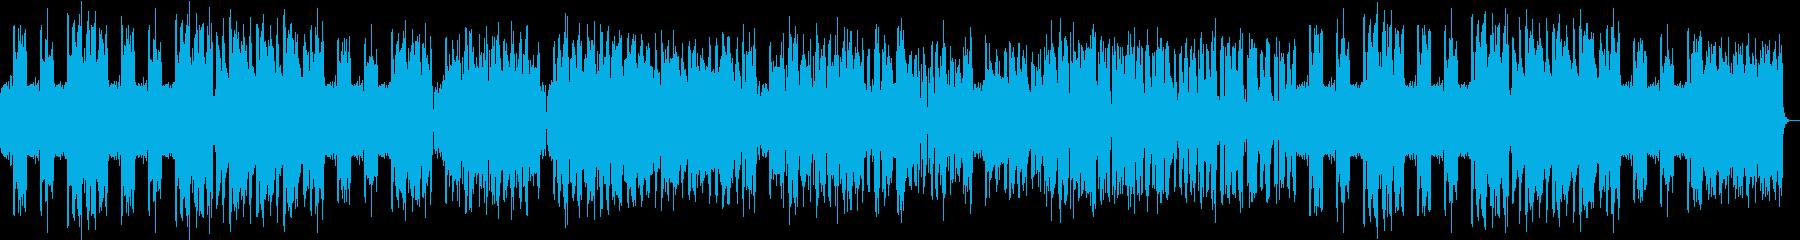 フルートの軽やかなボサノバの再生済みの波形